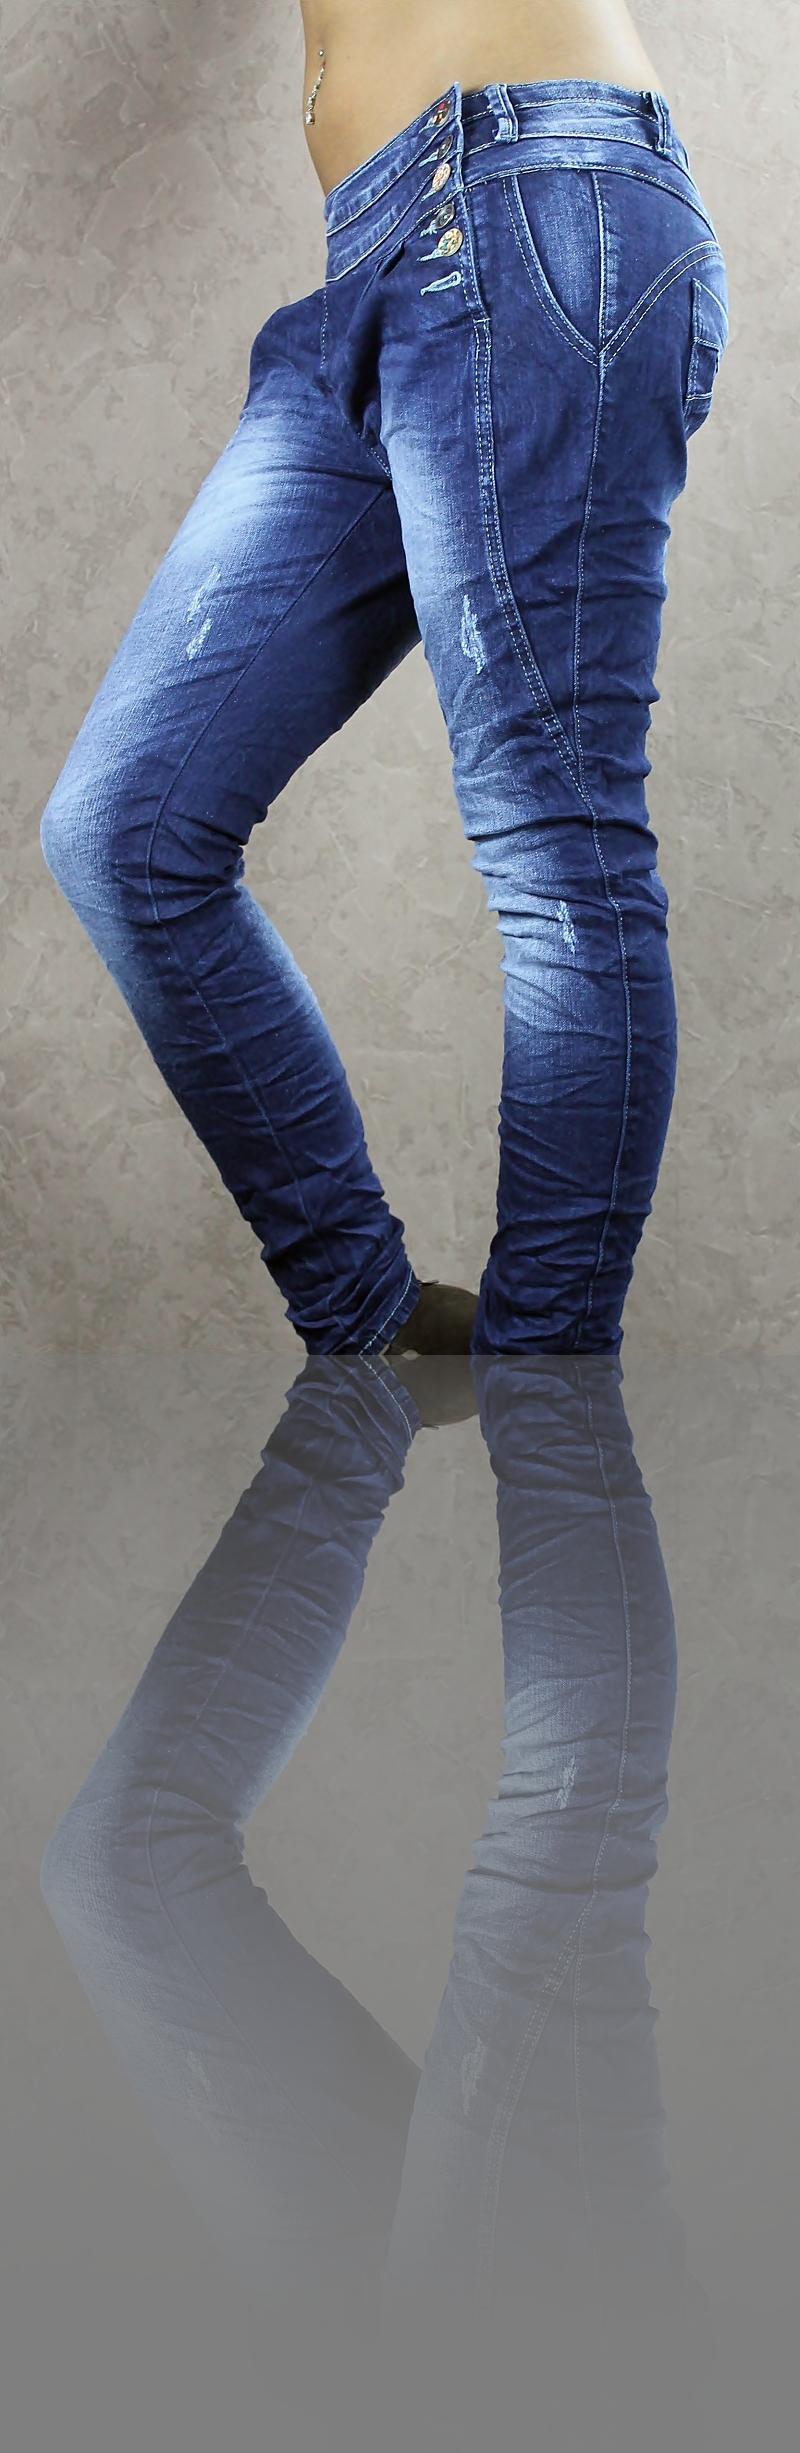 brandaktuelle baggy jeans mit 5 farbigen knopf system gr. Black Bedroom Furniture Sets. Home Design Ideas